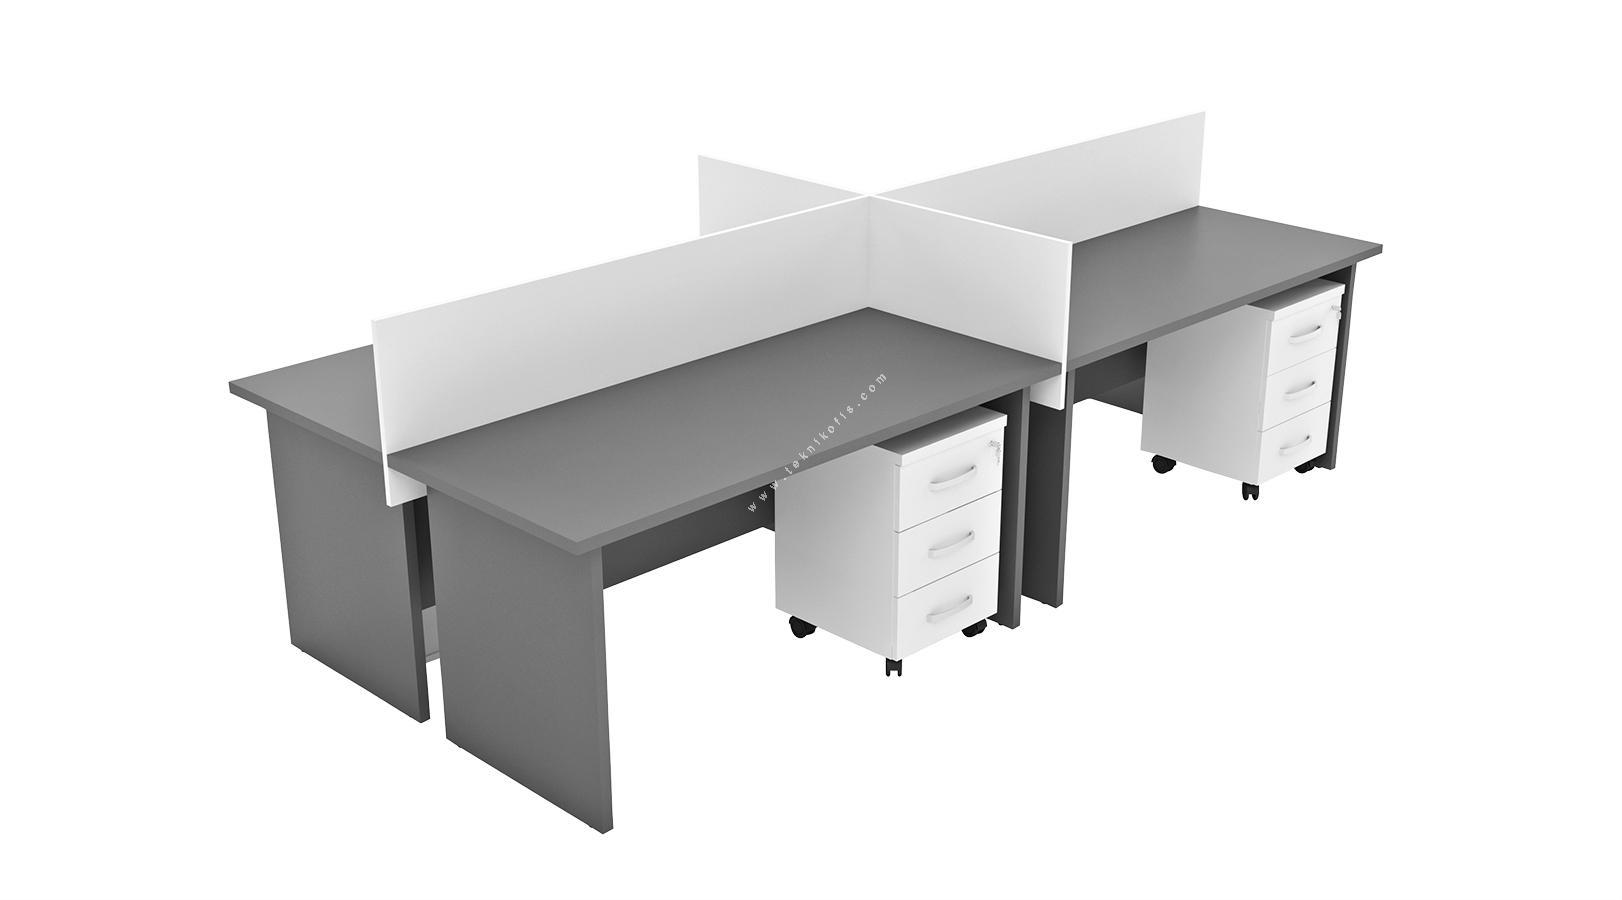 hegamonwork dörtlü workstation 320cm